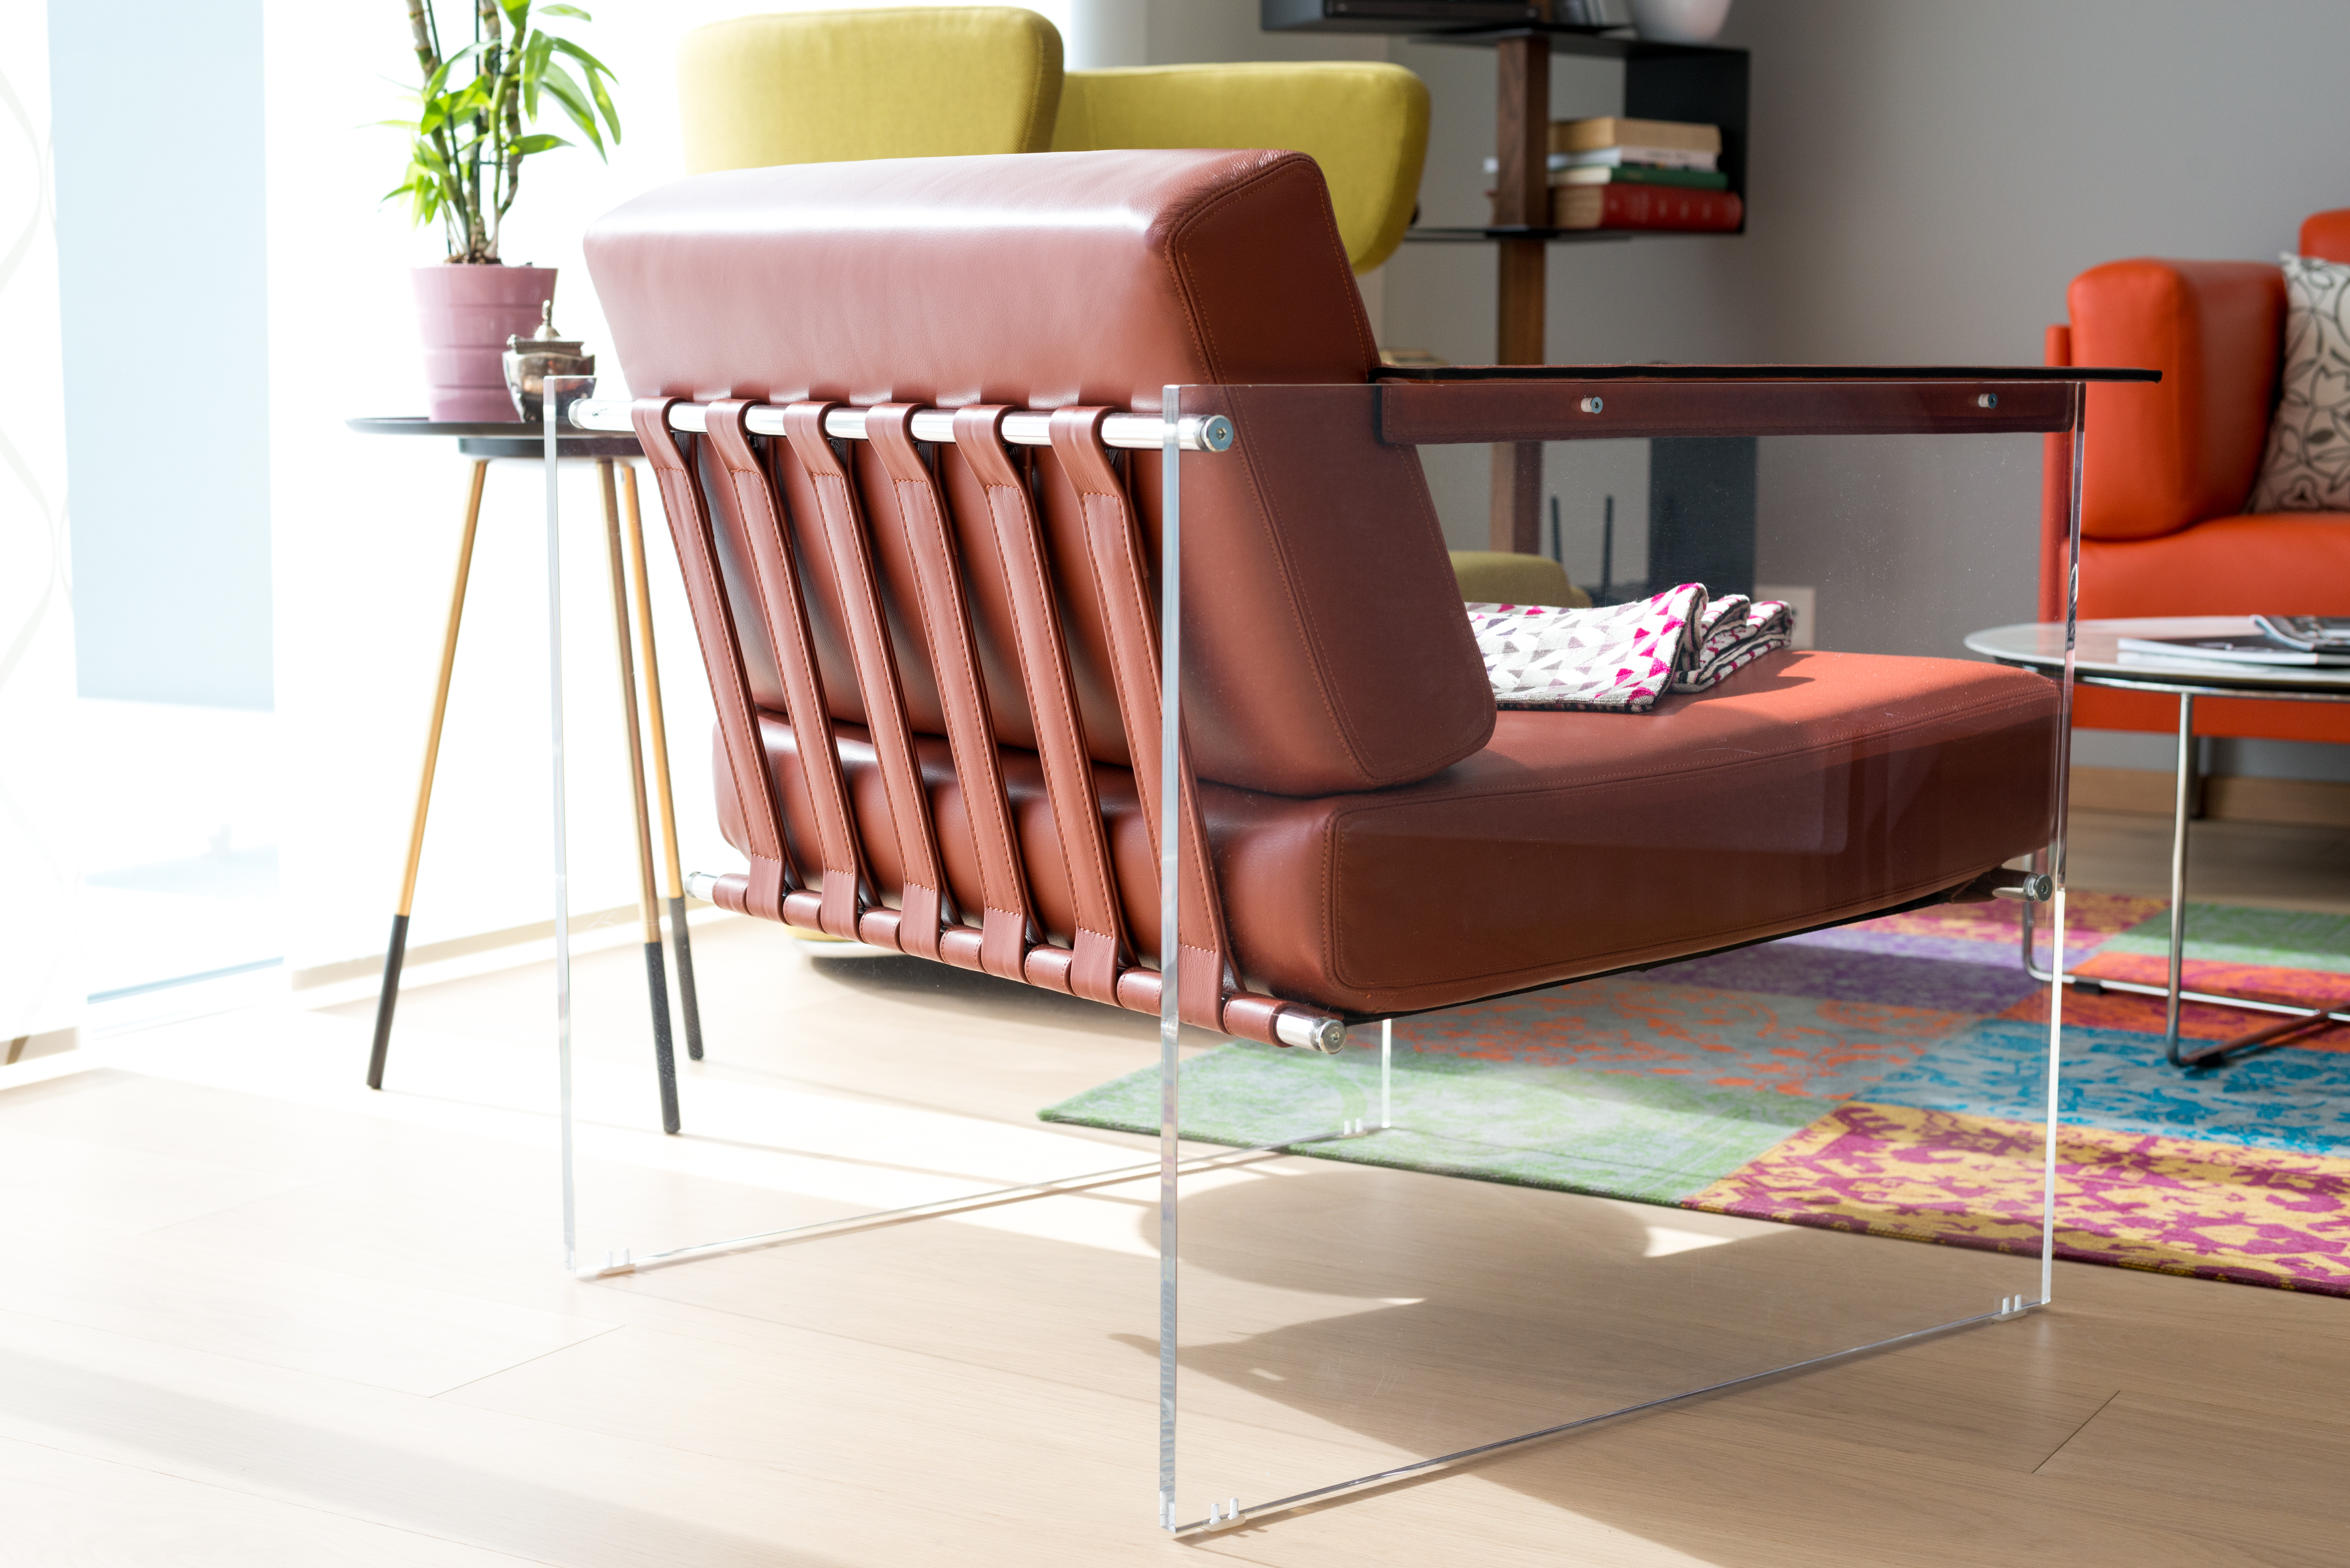 Integral Office 65 - Fauteuil modèle 866 By Polflex pour un style unique